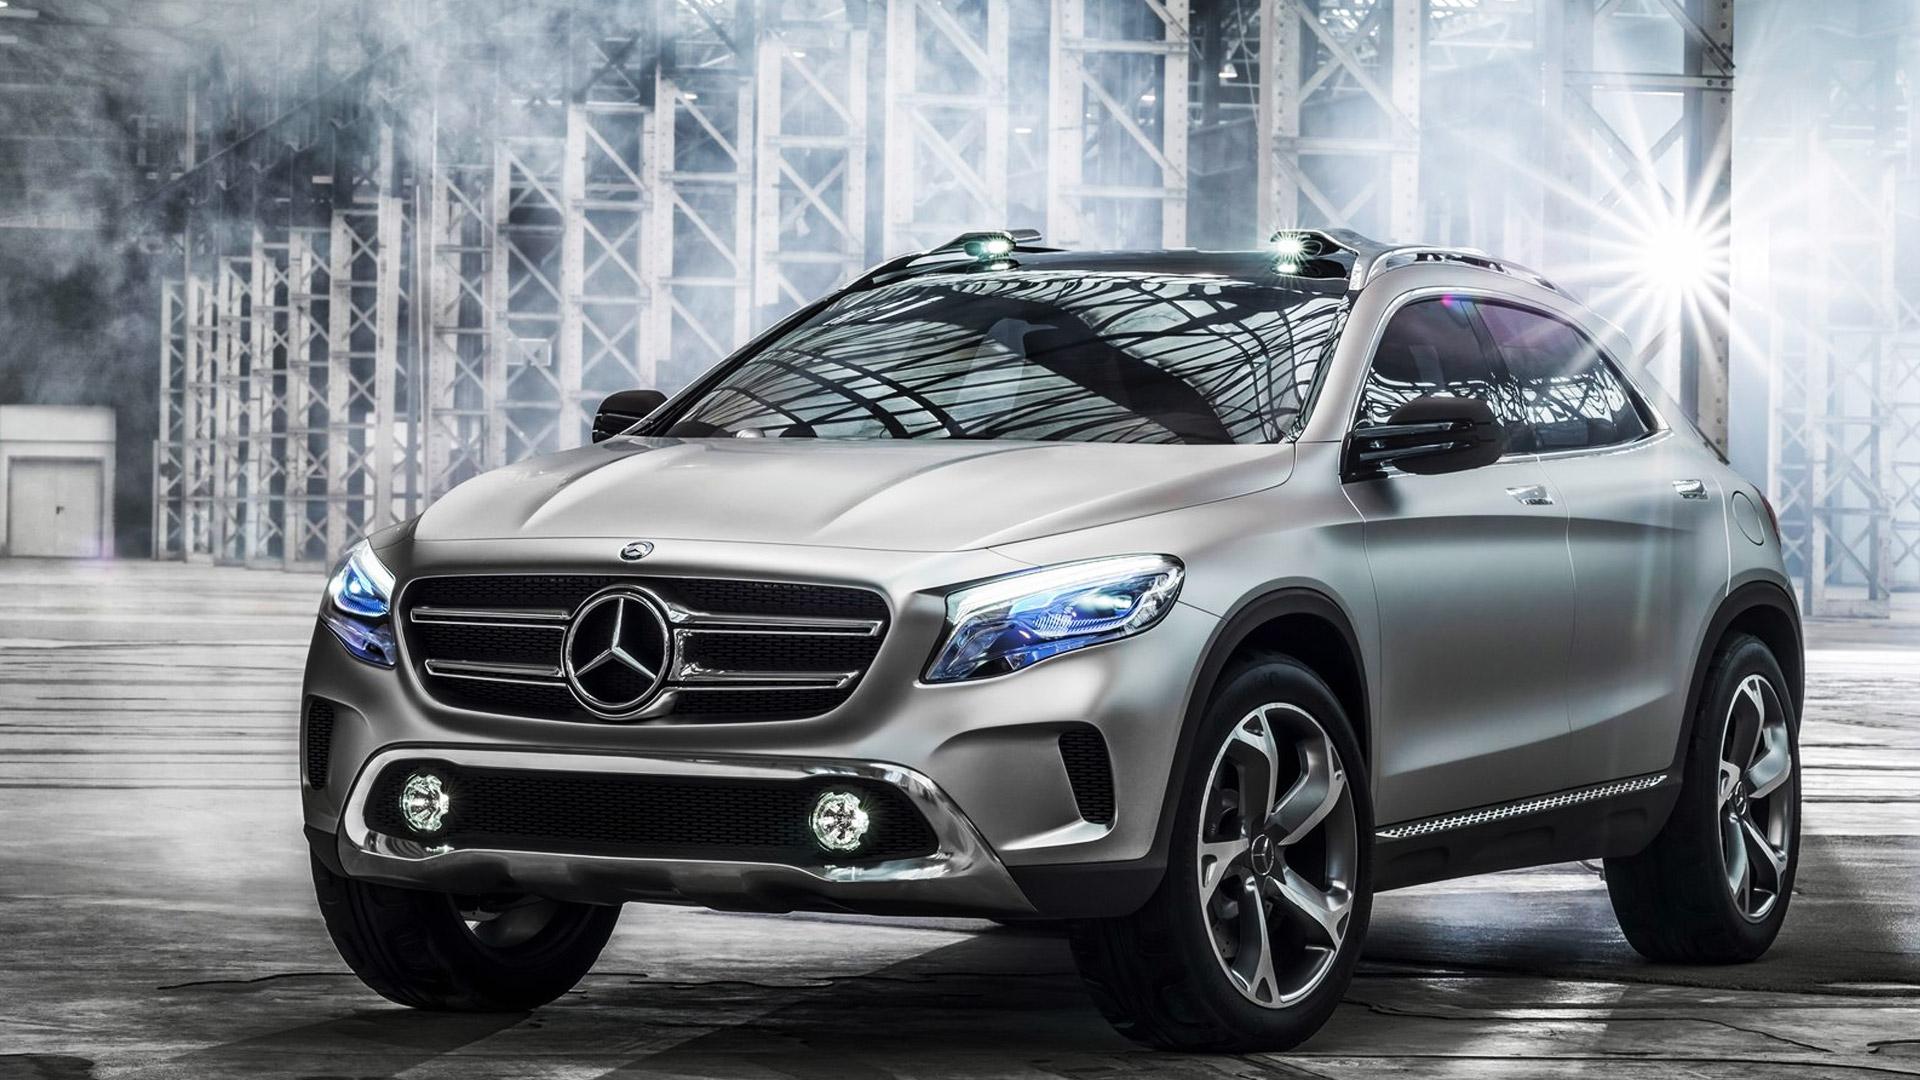 Mercedes GLA Konsept 2013